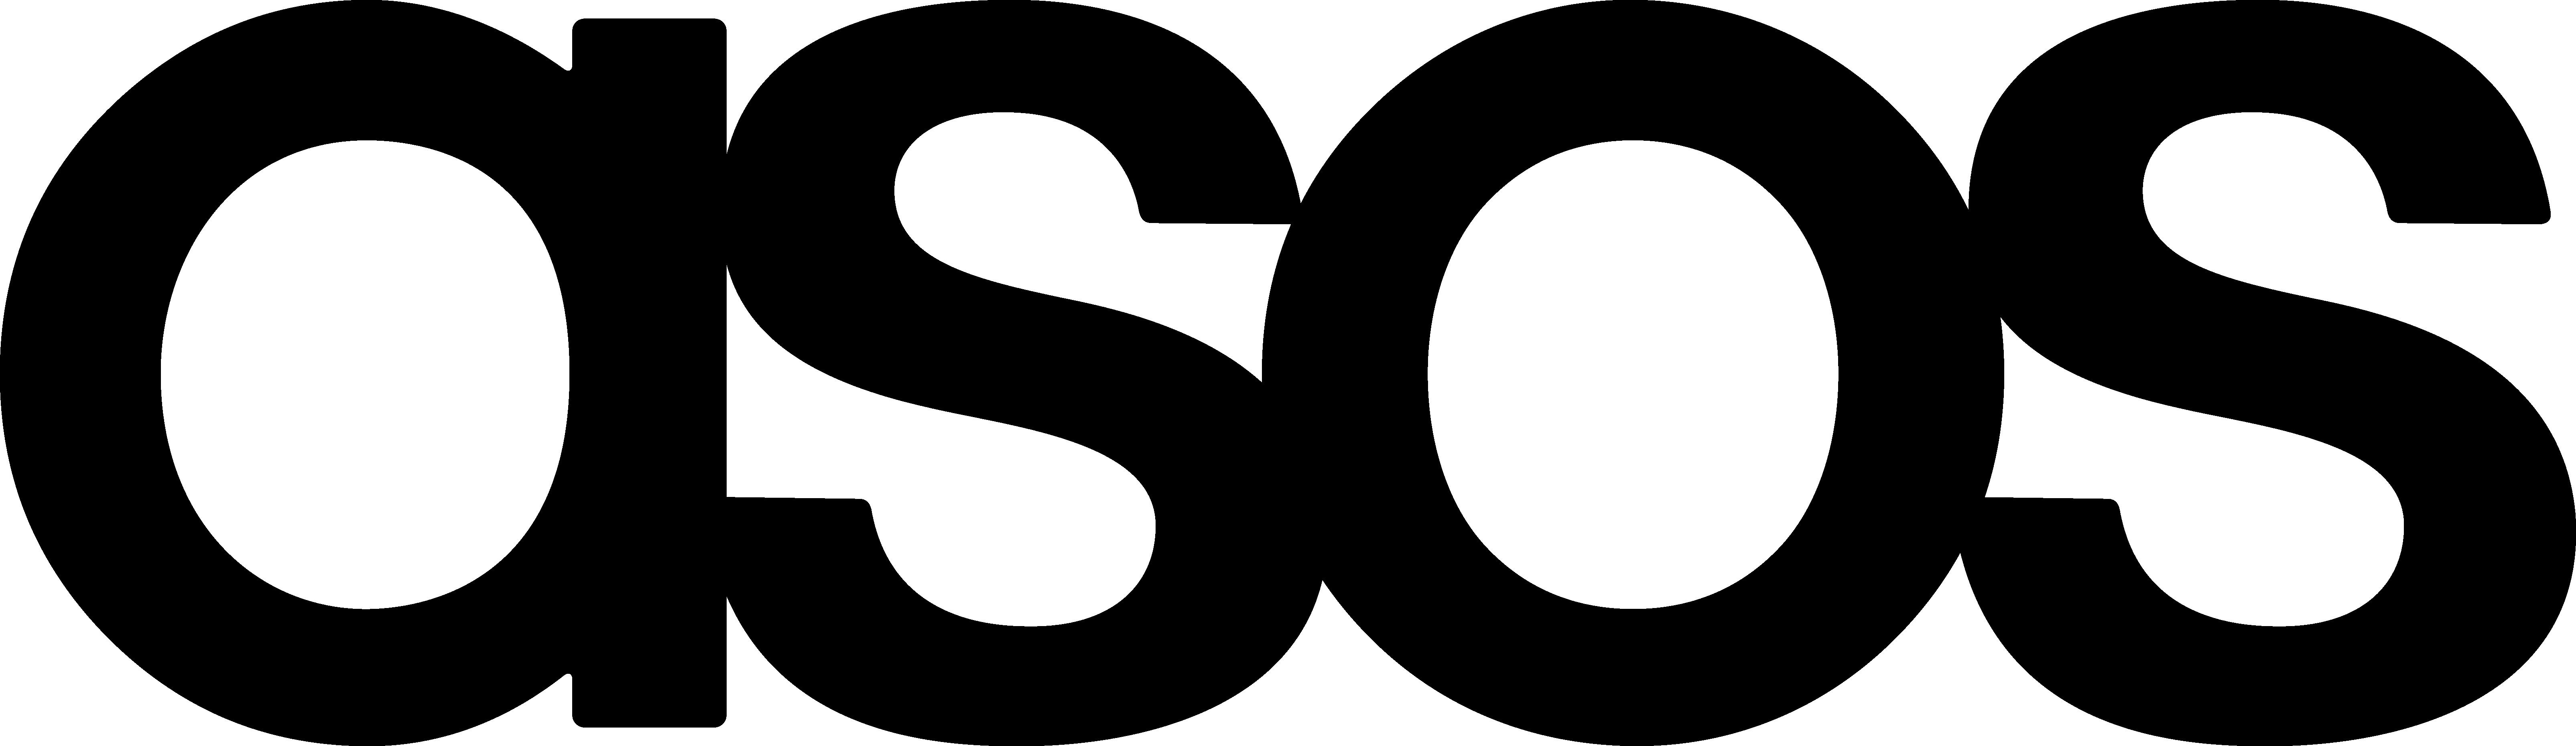 ASOS - 468x60